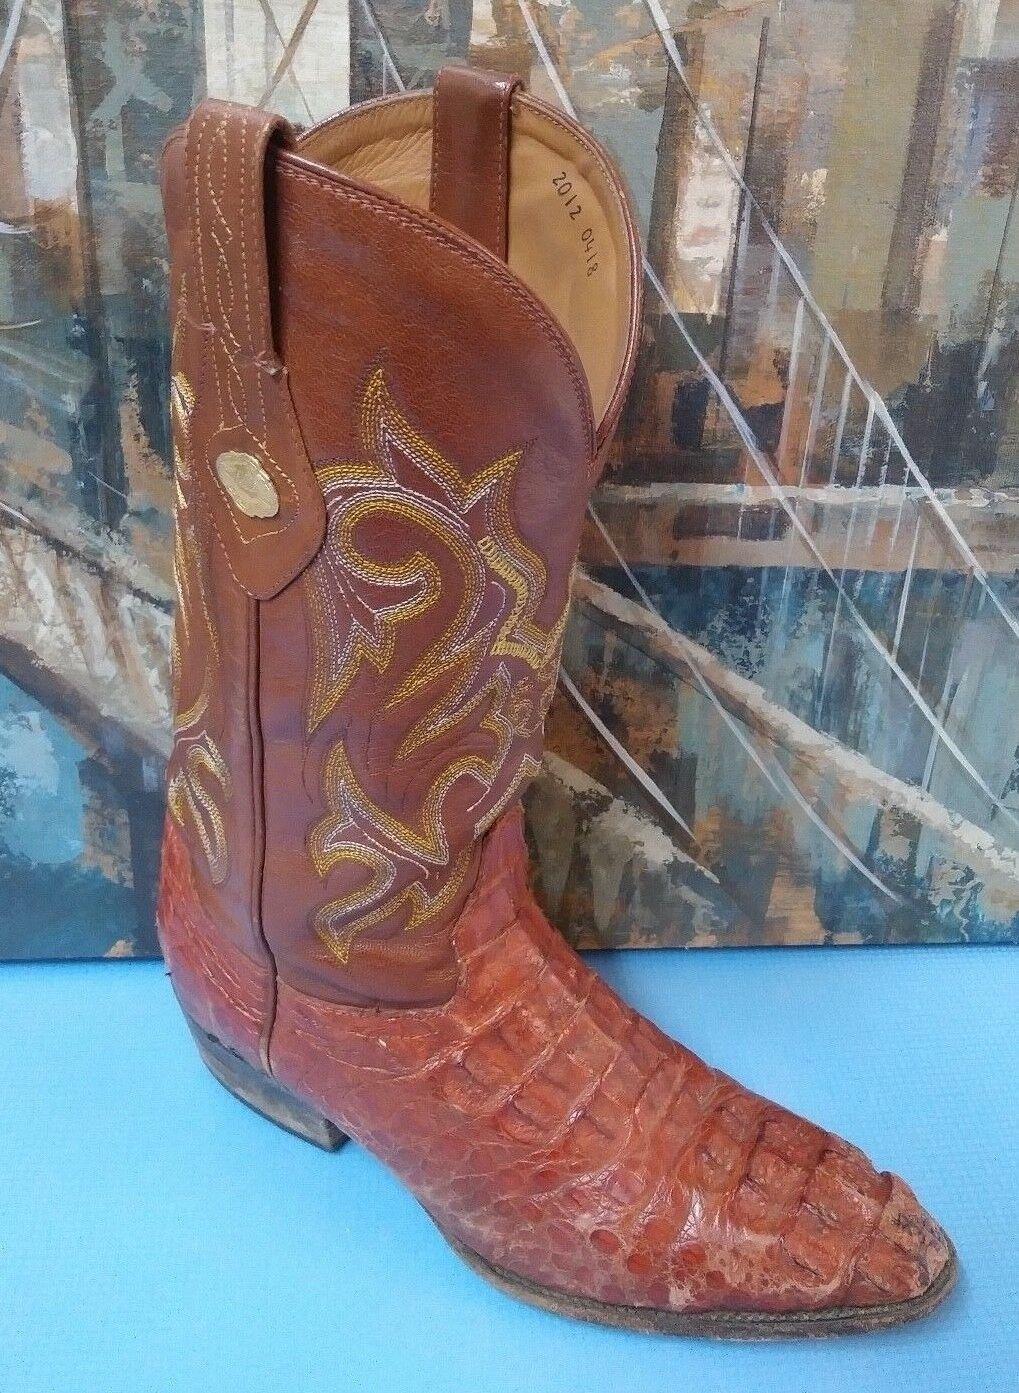 El general exótico Cocodrilo botas de vaquero Talla EE. UU. 9  México 28, Marrón